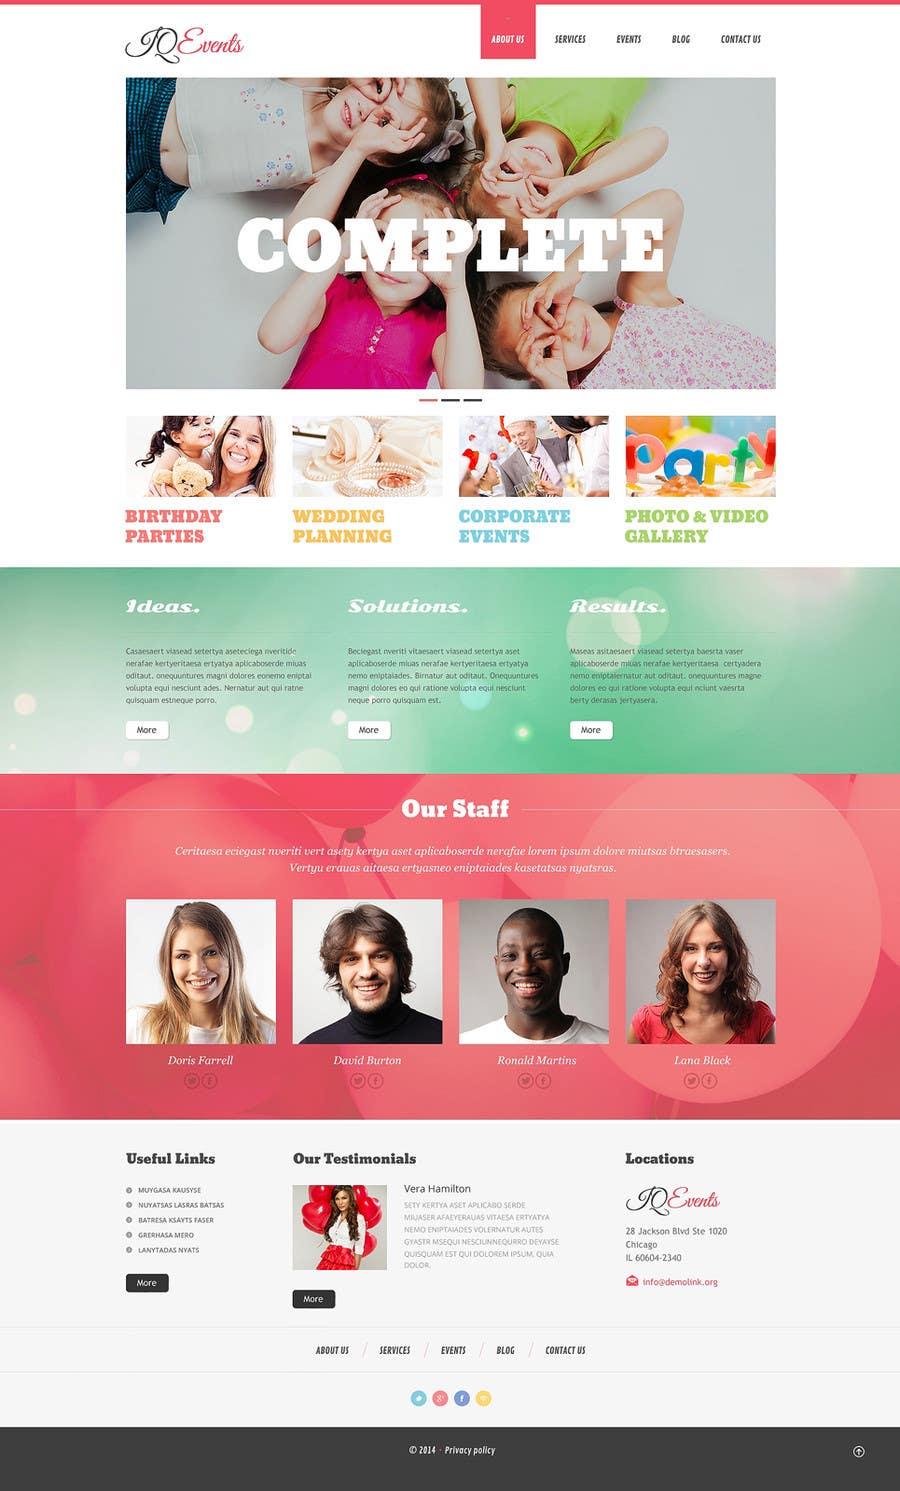 design a website mockup for event planner blog freelancer. Black Bedroom Furniture Sets. Home Design Ideas